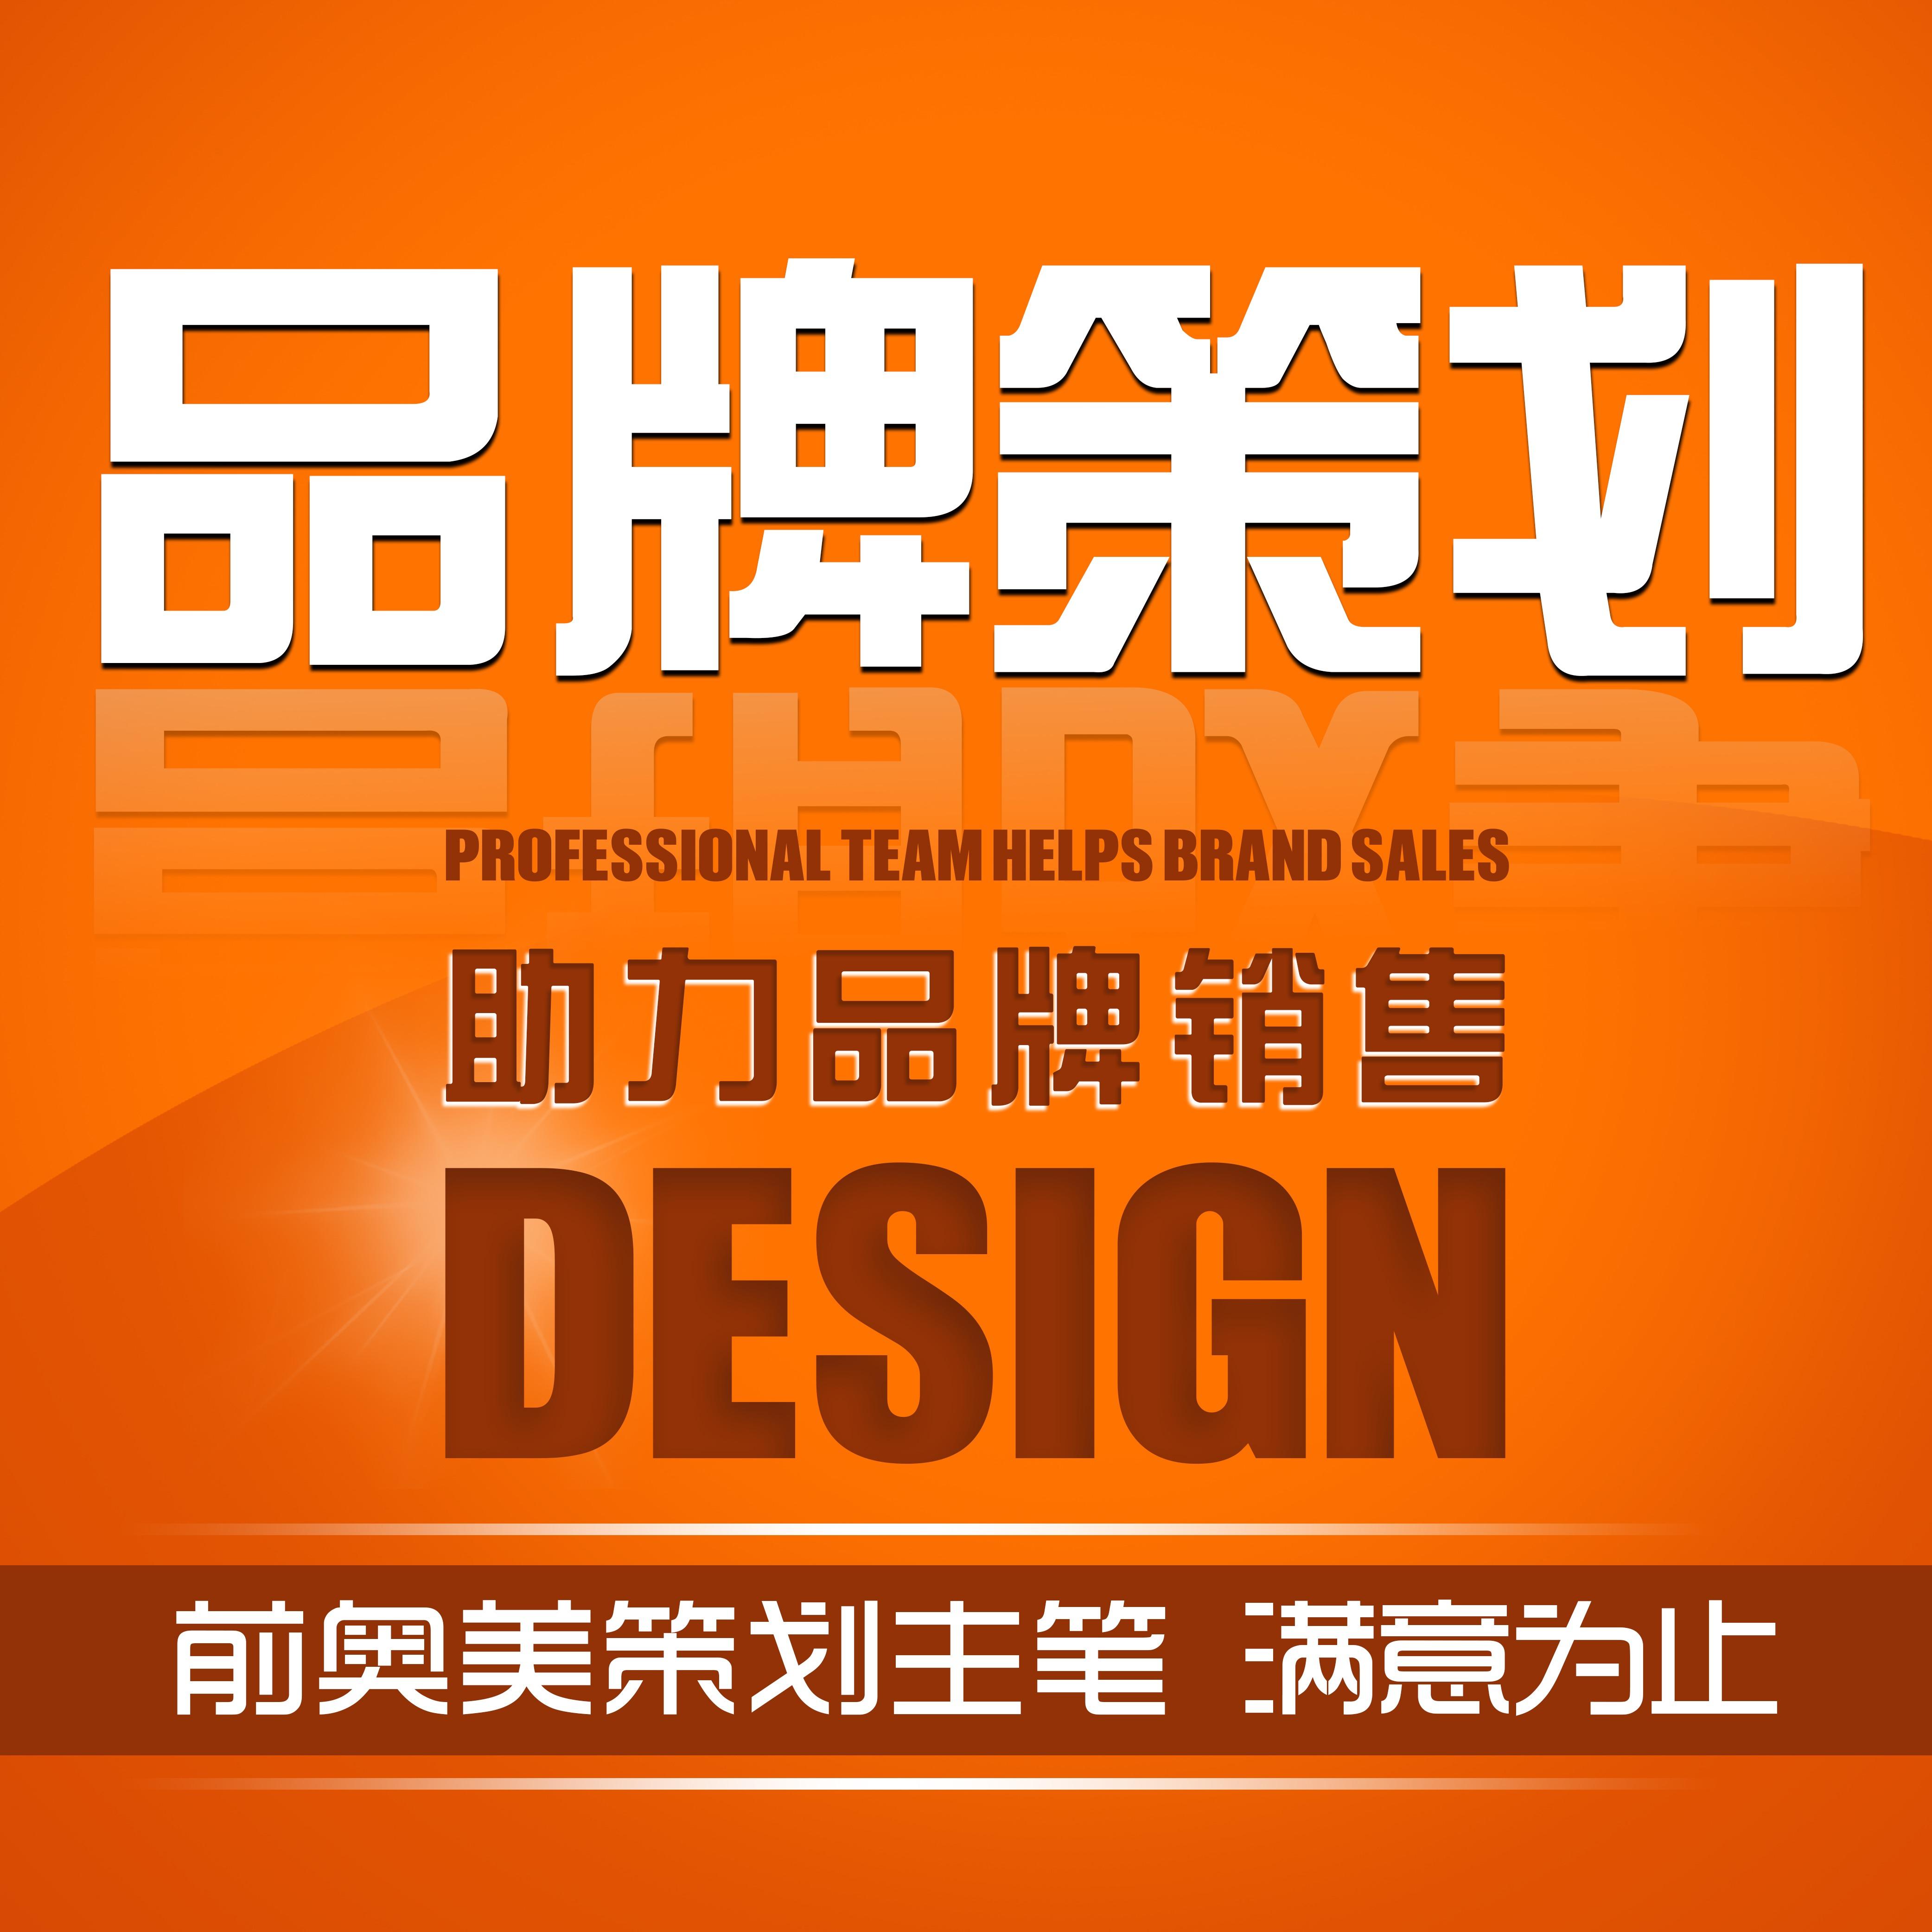 公司品牌策划品牌故事理念愿景企业文化简介定位广告语全案撰写